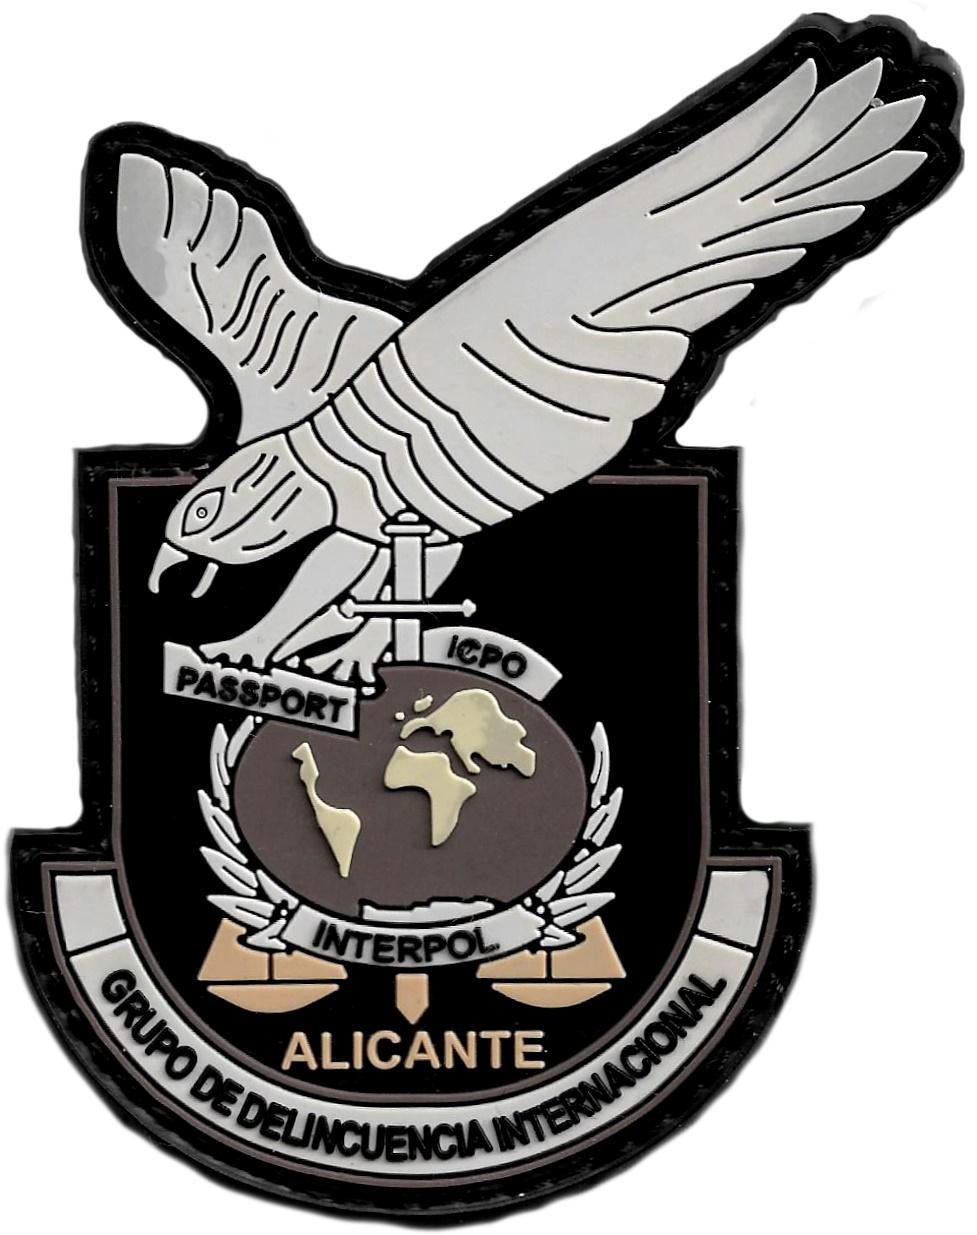 POLICÍA NACIONAL CNP GRUPO DE DELINCUENCIA INTERNACIONAL ALICANTE PARCHE INSIGNIA EMBLEMA DISTINTIVO